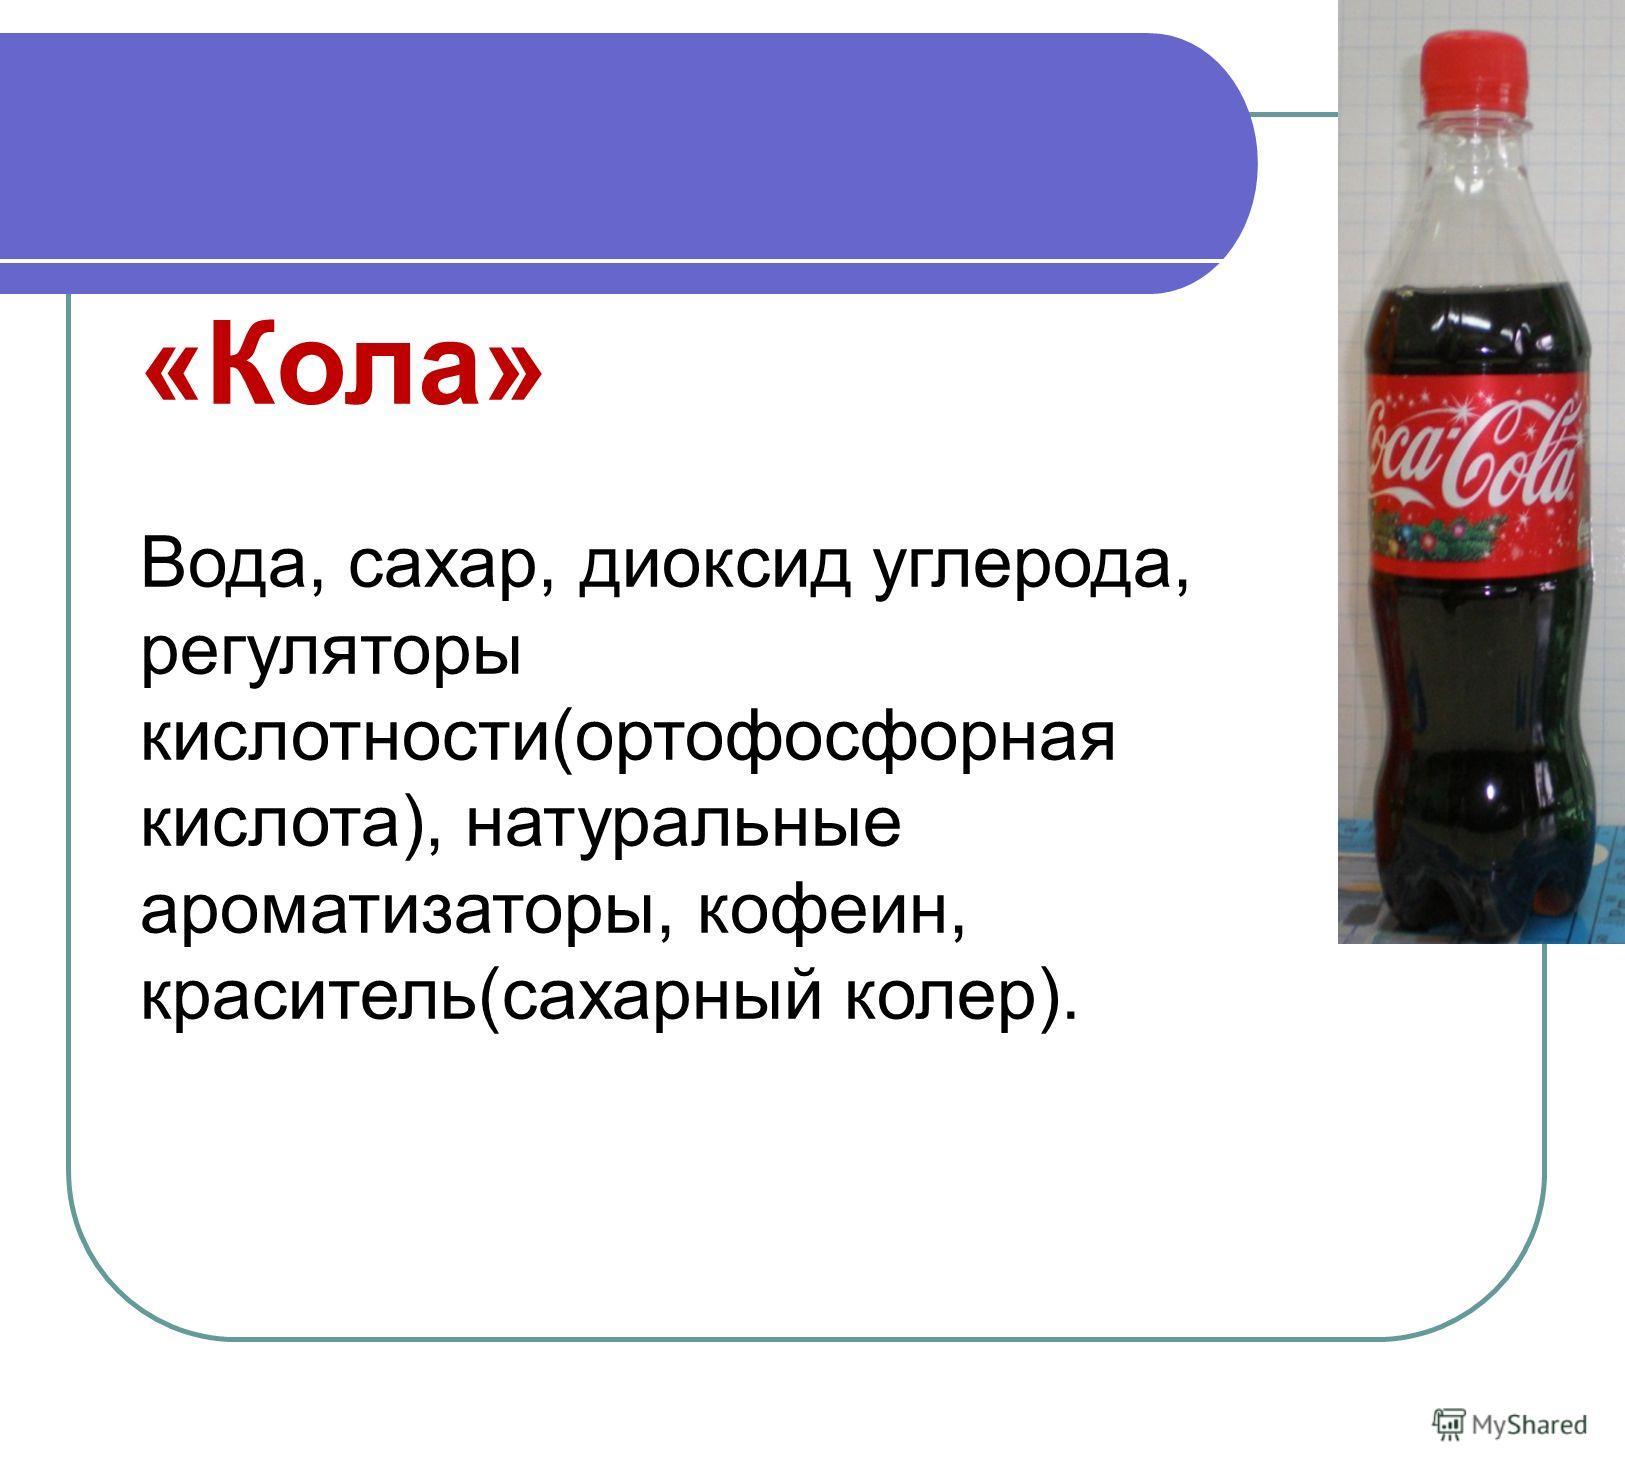 «Кола» Вода, сахар, диоксид углерода, регуляторы кислотности(ортофосфорная кислота), натуральные ароматизаторы, кофеин, краситель(сахарный колер).